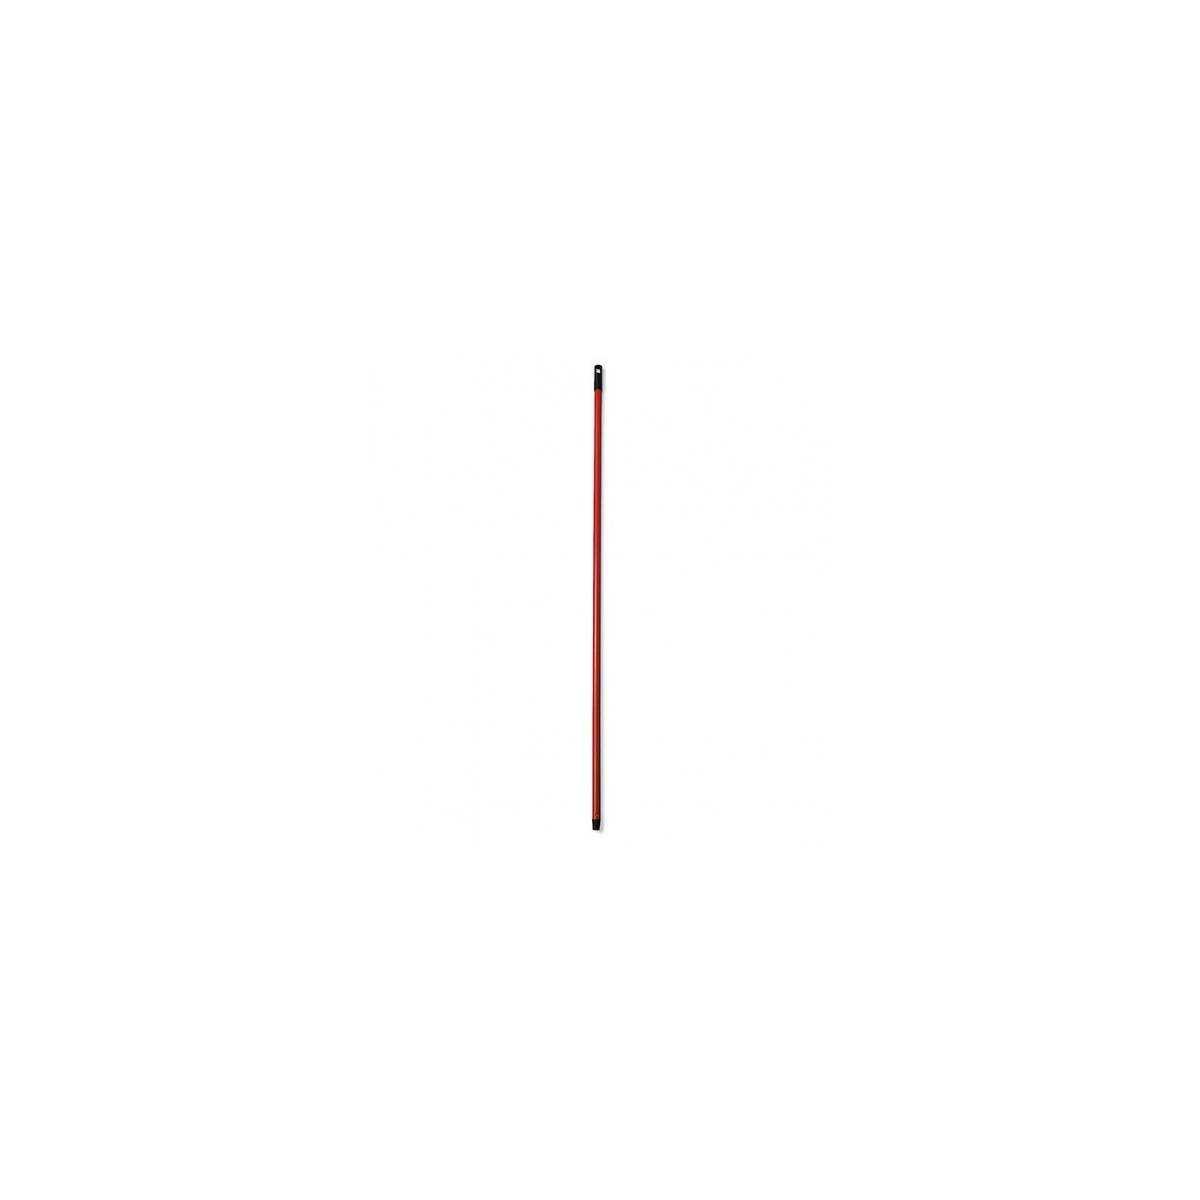 Рукоятка металлическая с резьбой 130см 00001035 TTS